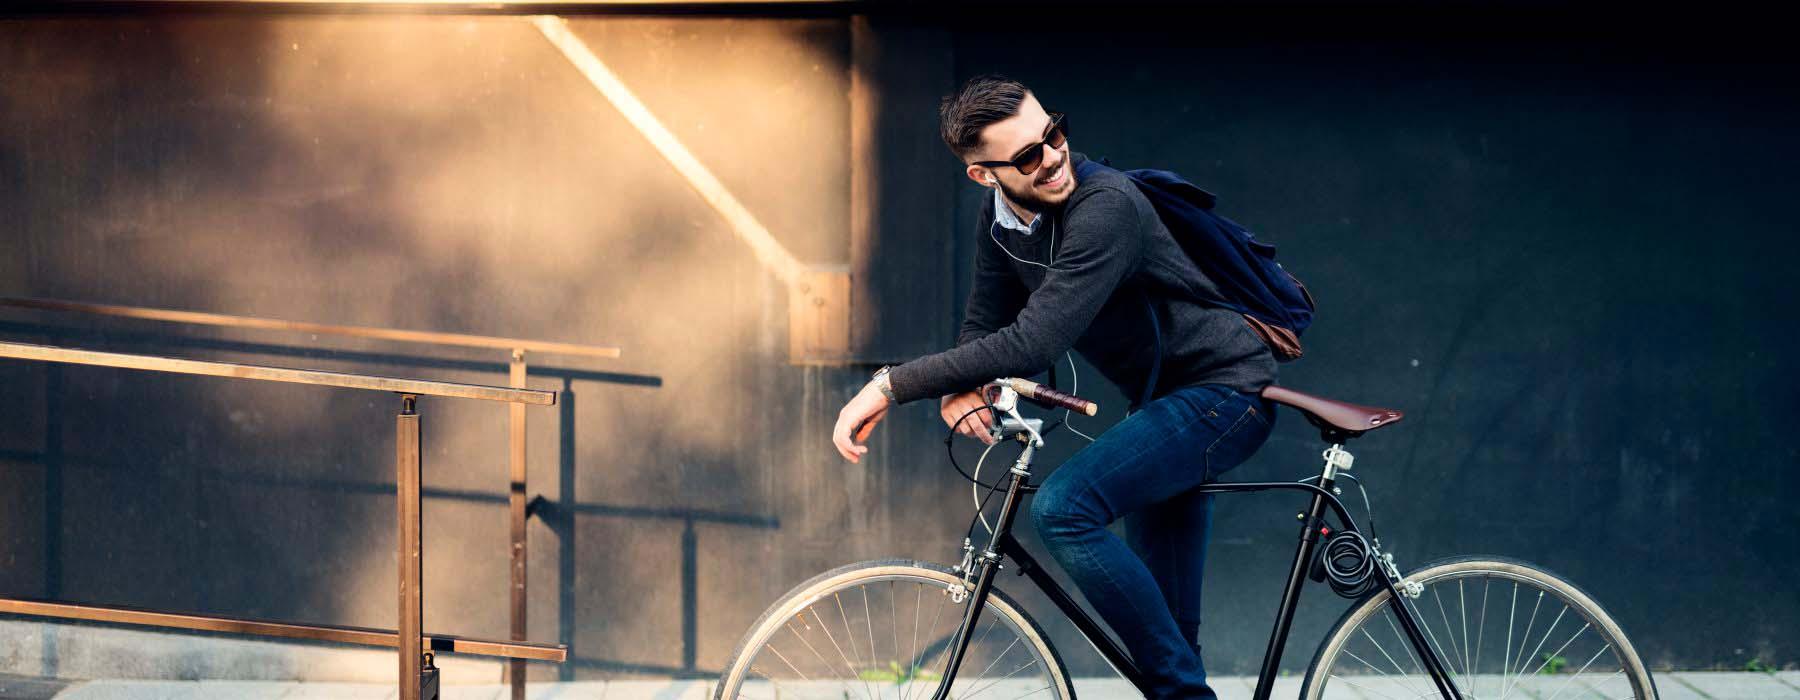 Cómo influye la bicicleta sobre la próstata y la disfunción eréctil